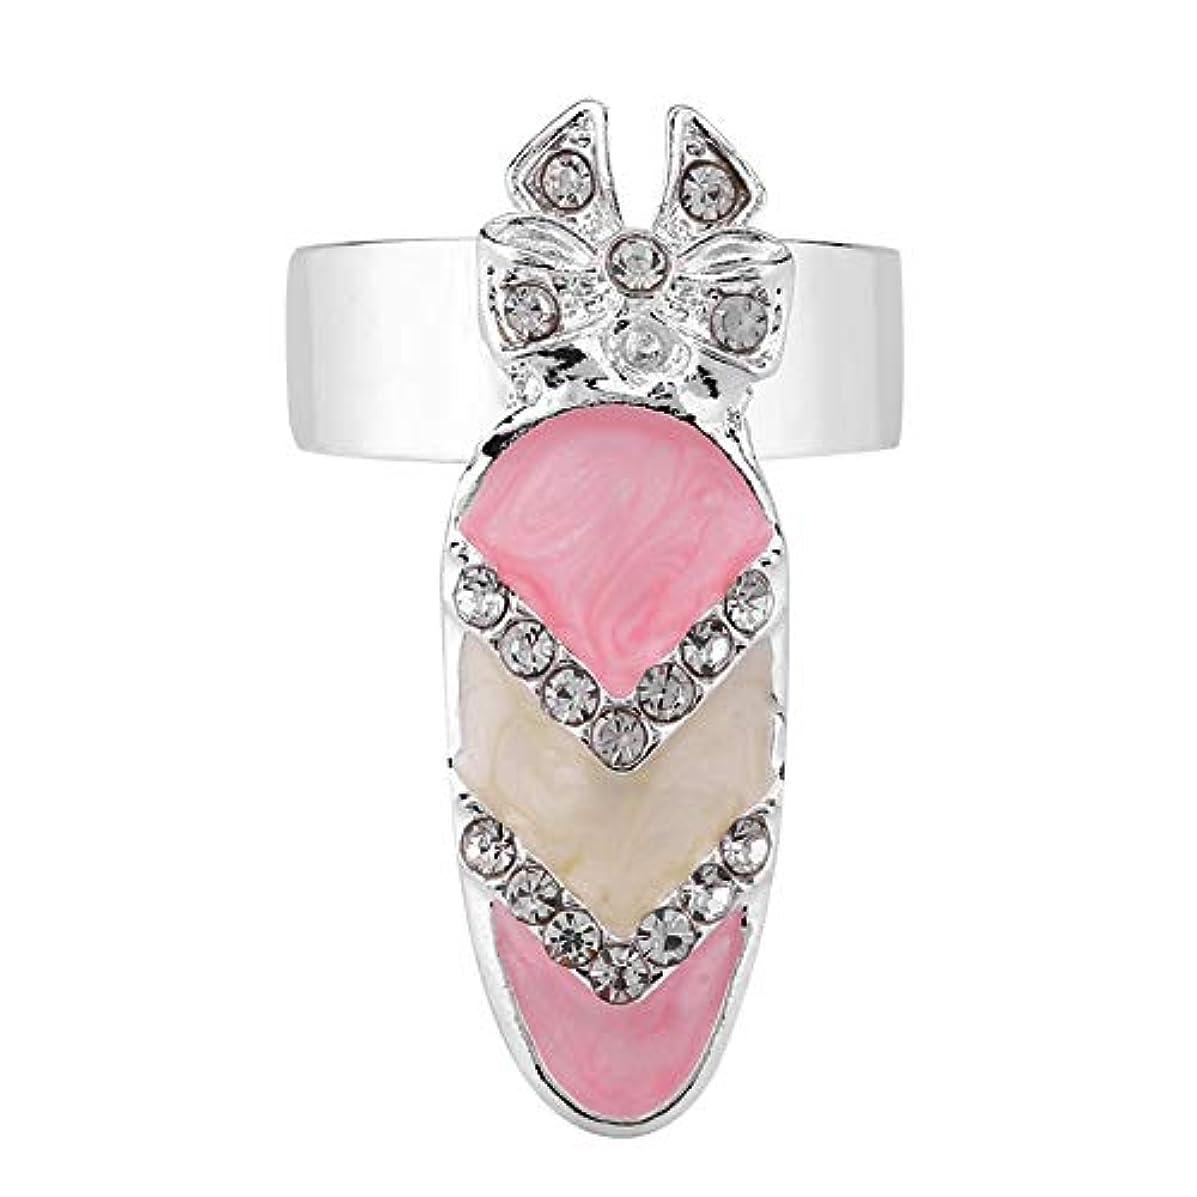 予測のためコントロールSemmeちょう結びのナックルの釘のリング、指の釘の指輪6種類のちょう結びの水晶指の釘の芸術のリングの女性の贅沢な指の釘のリングの方法ちょう結びの釘の釘のリングの装飾(5#)